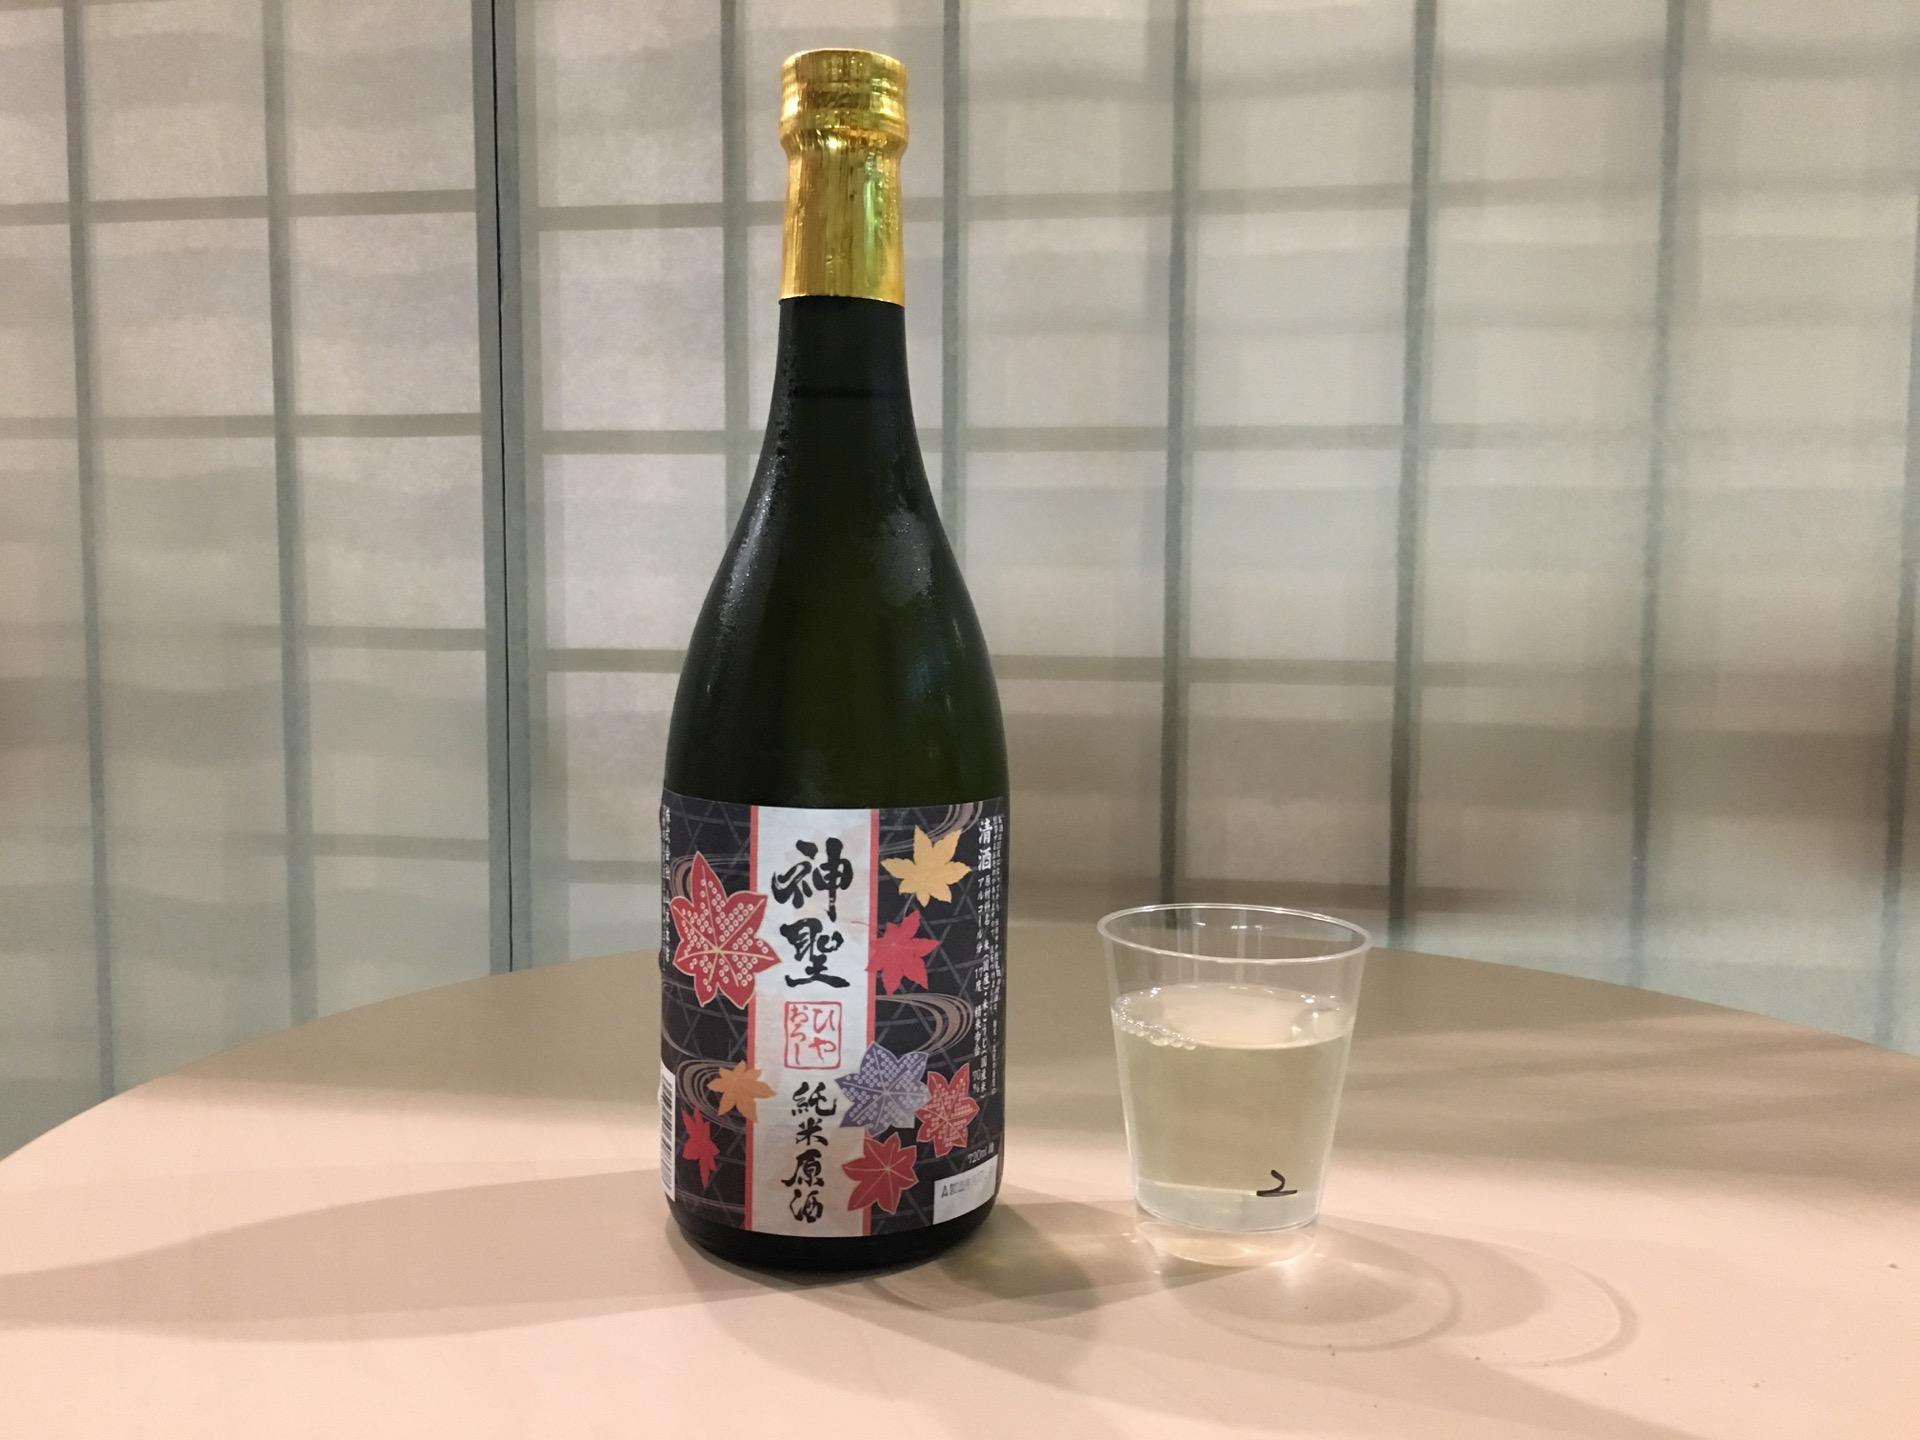 神聖 ひやおろし 純米原酒|日本酒テイスティングノート